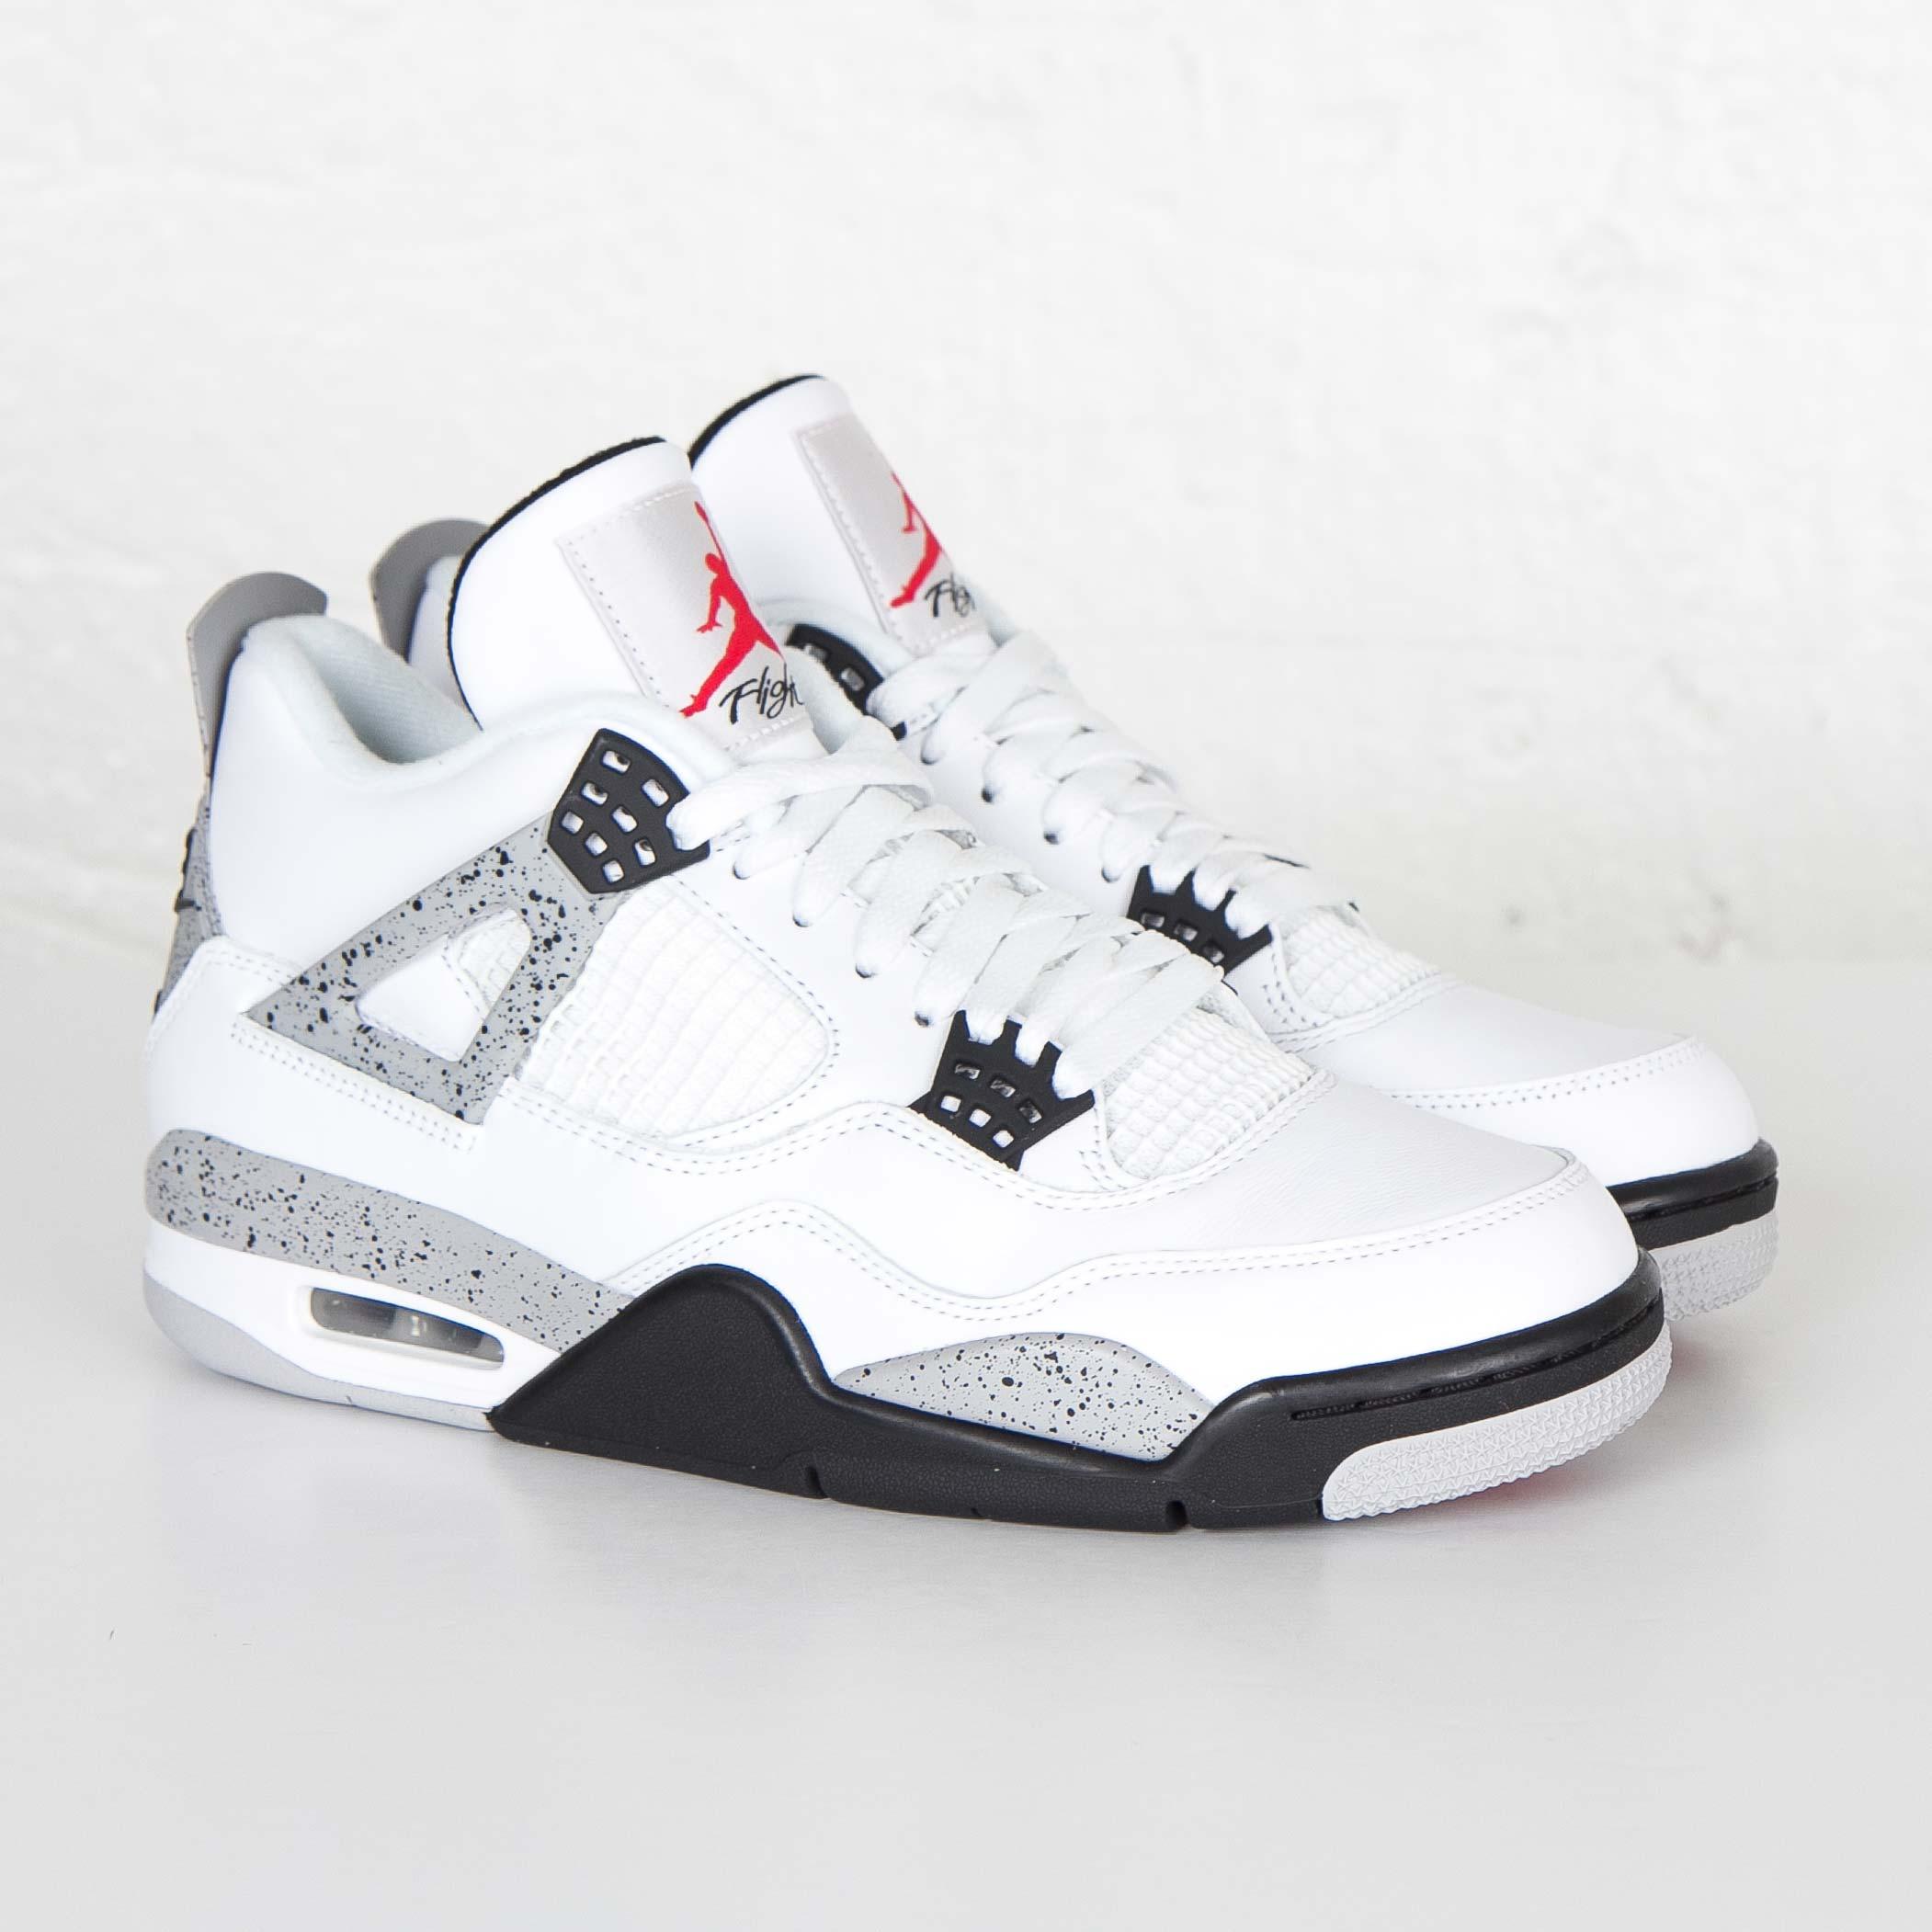 192 Jordan I Og Sneakersnstuff Air 4 Retro 840606 Brand BeWCrdxo